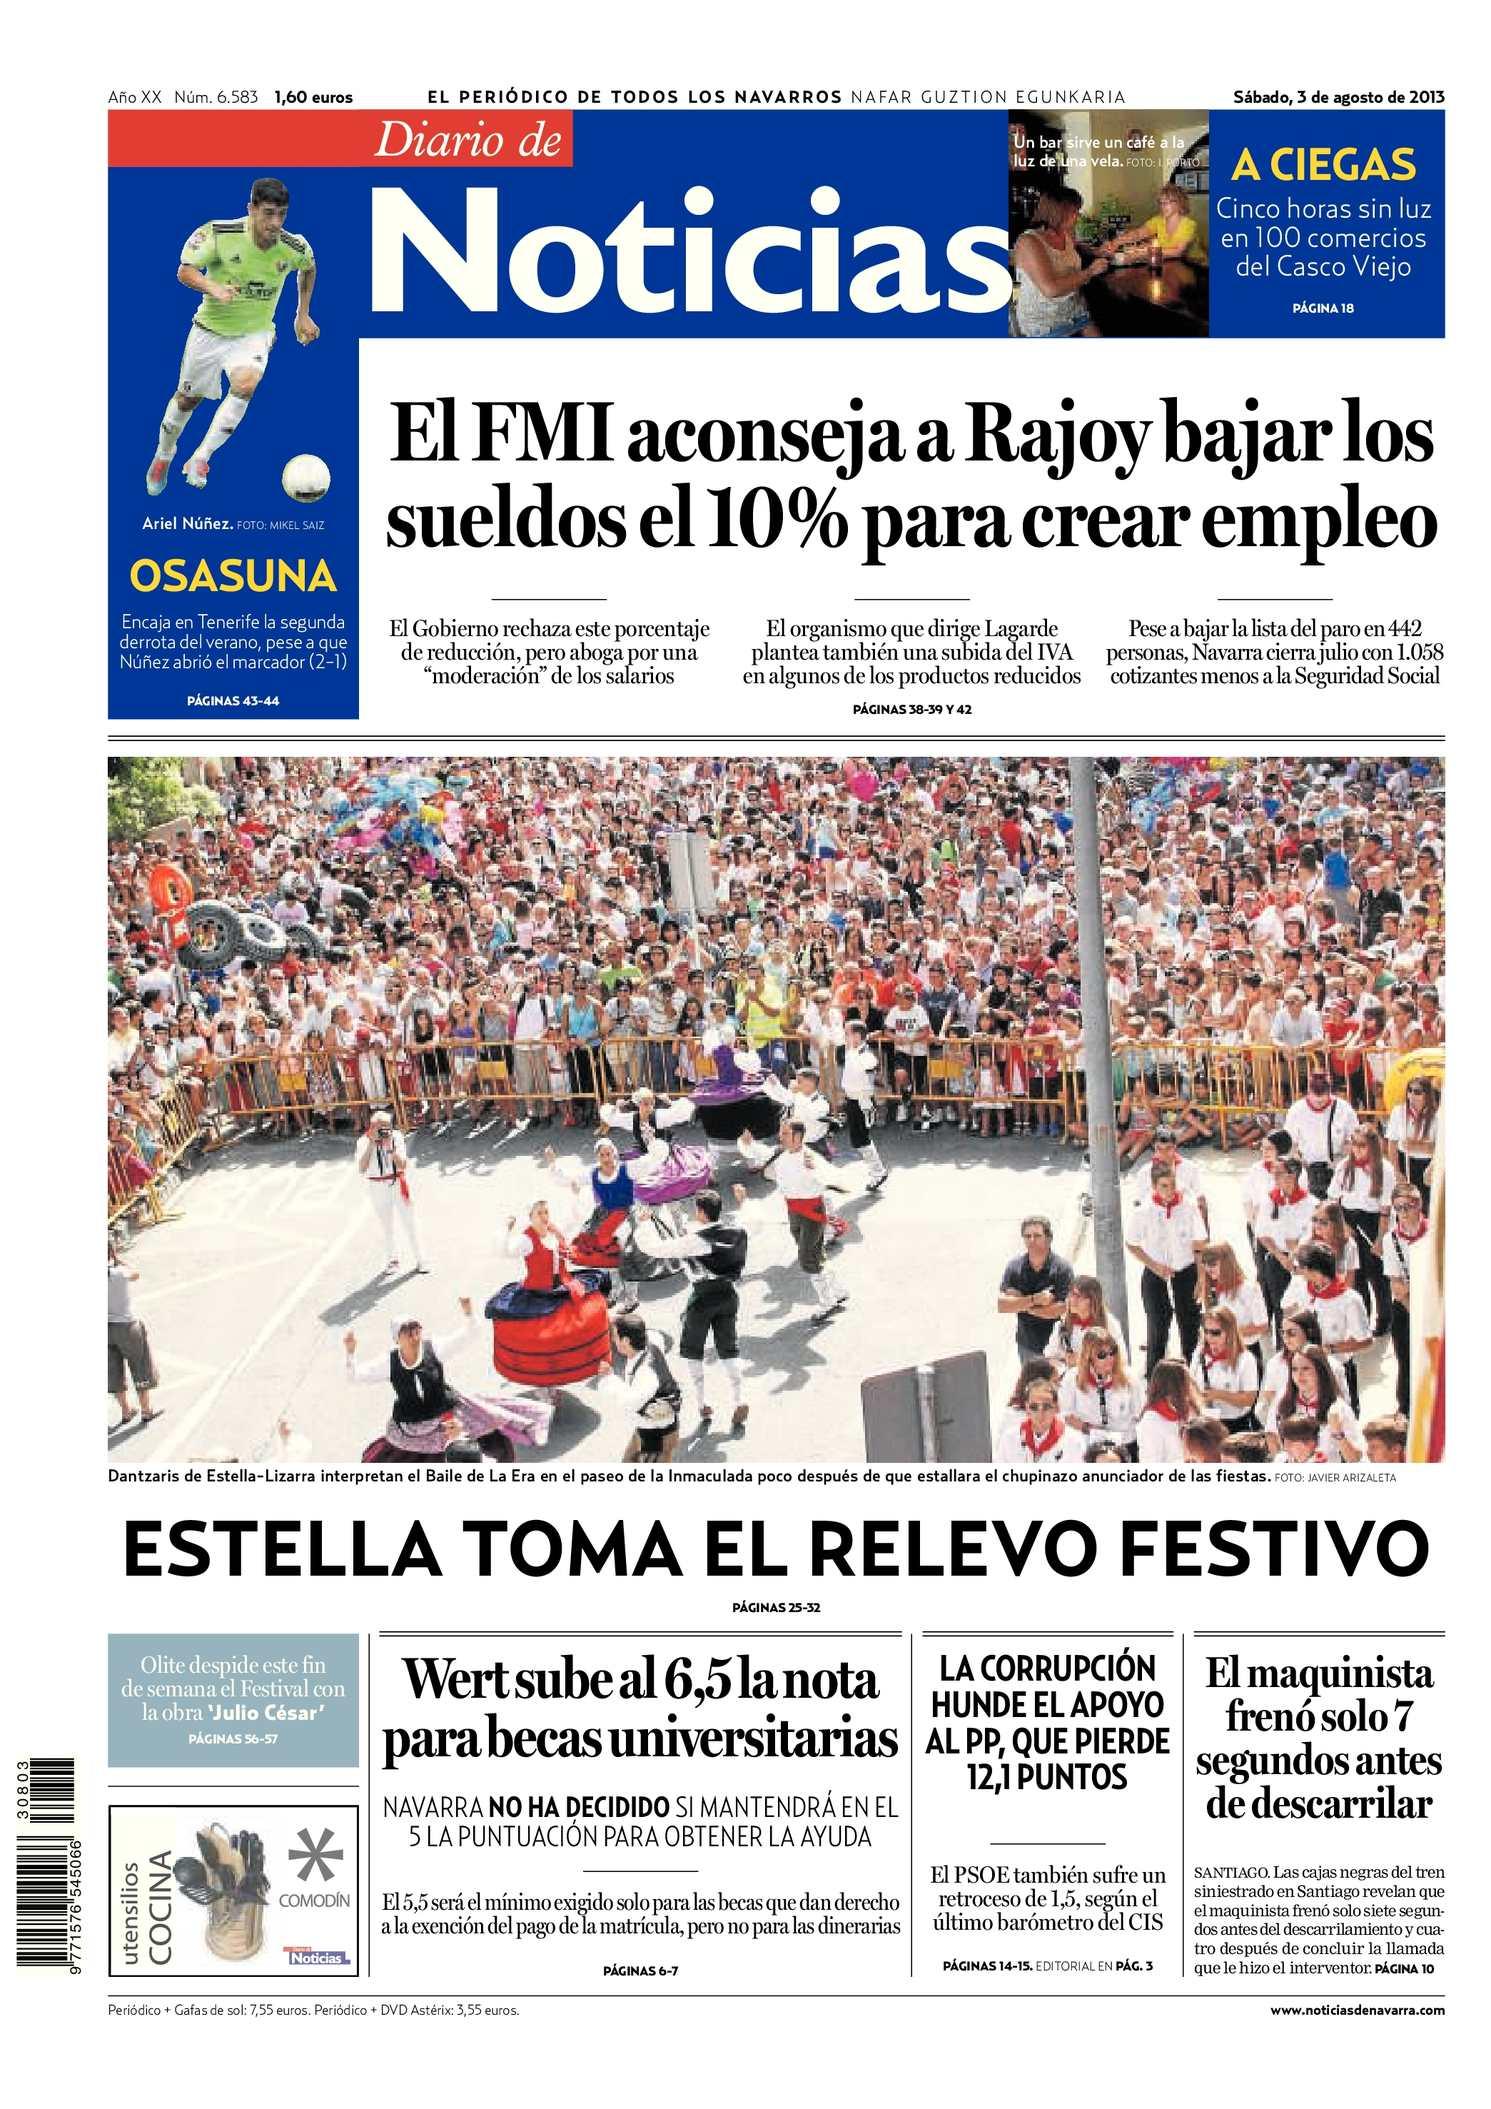 new concept 6615a 3a5cf Calaméo - Diario de Noticias 20130803